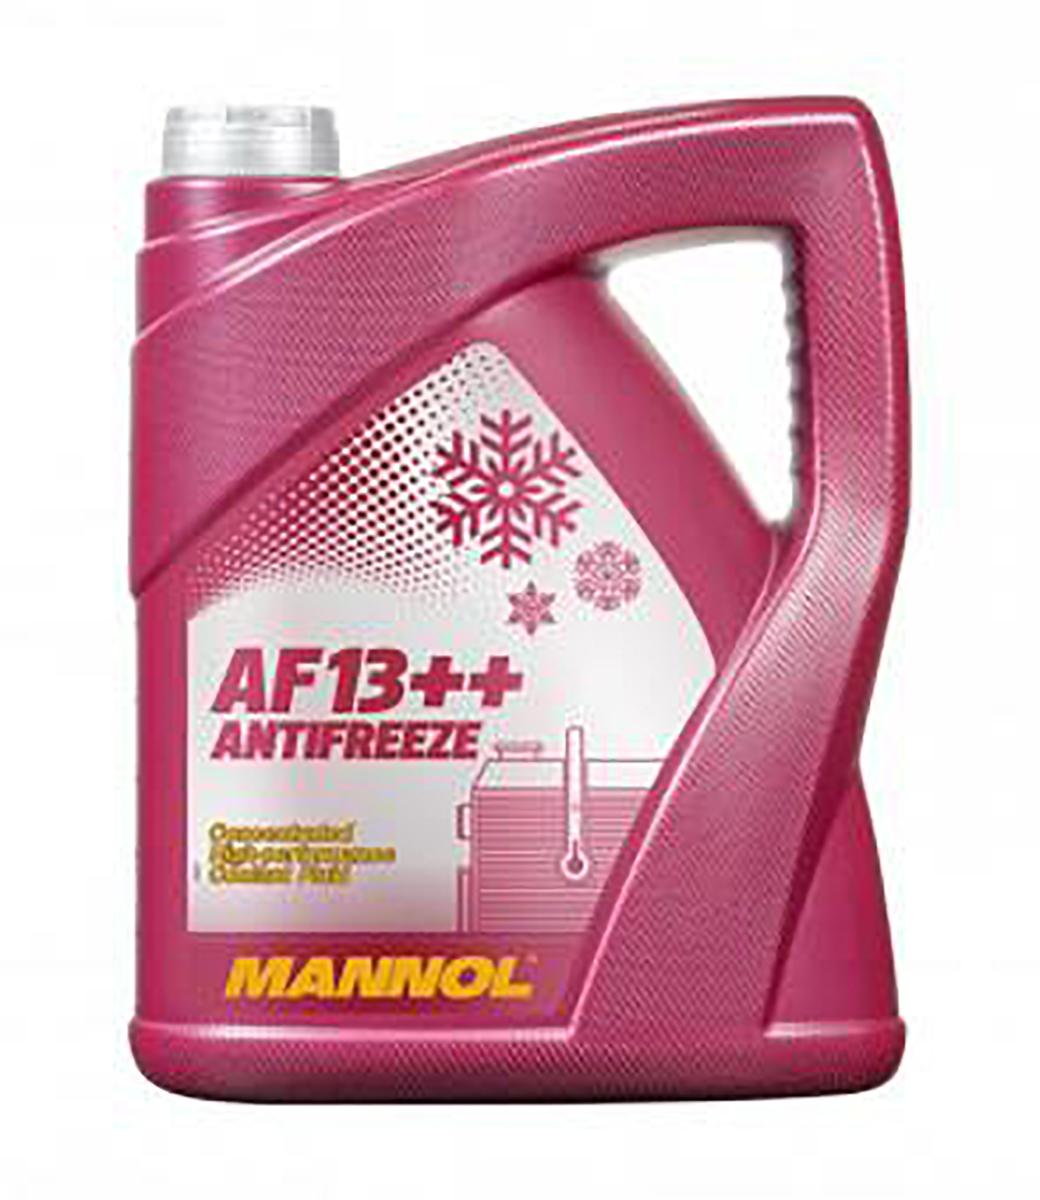 Antifreeze AF13++